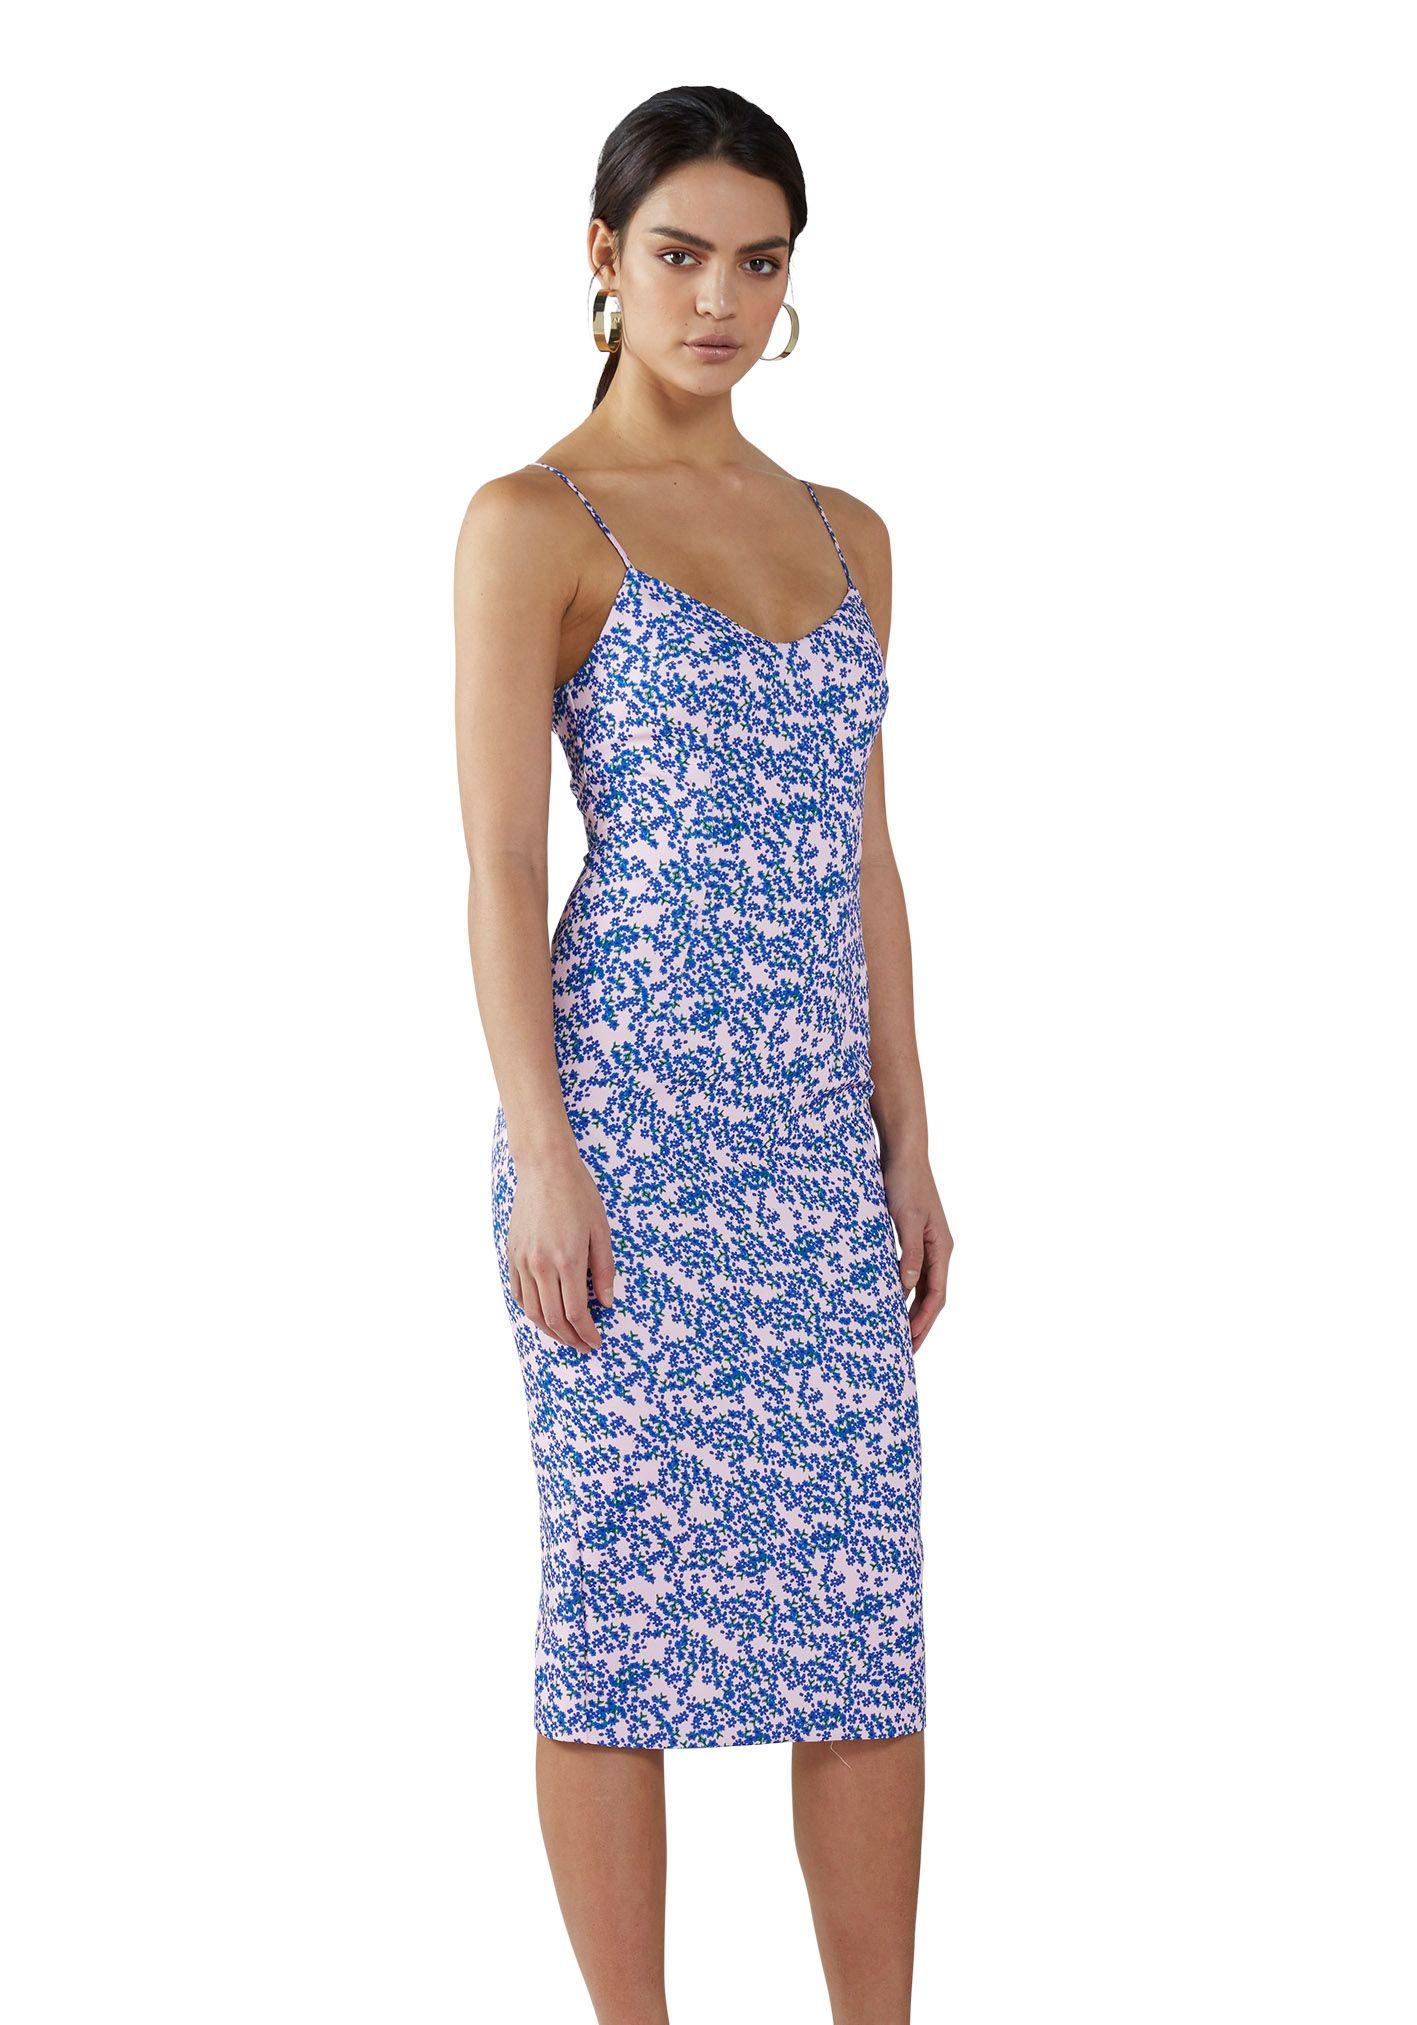 183cb9d687 BY JOHNNY. Dahlia-Berry Midi V-Neck Dress